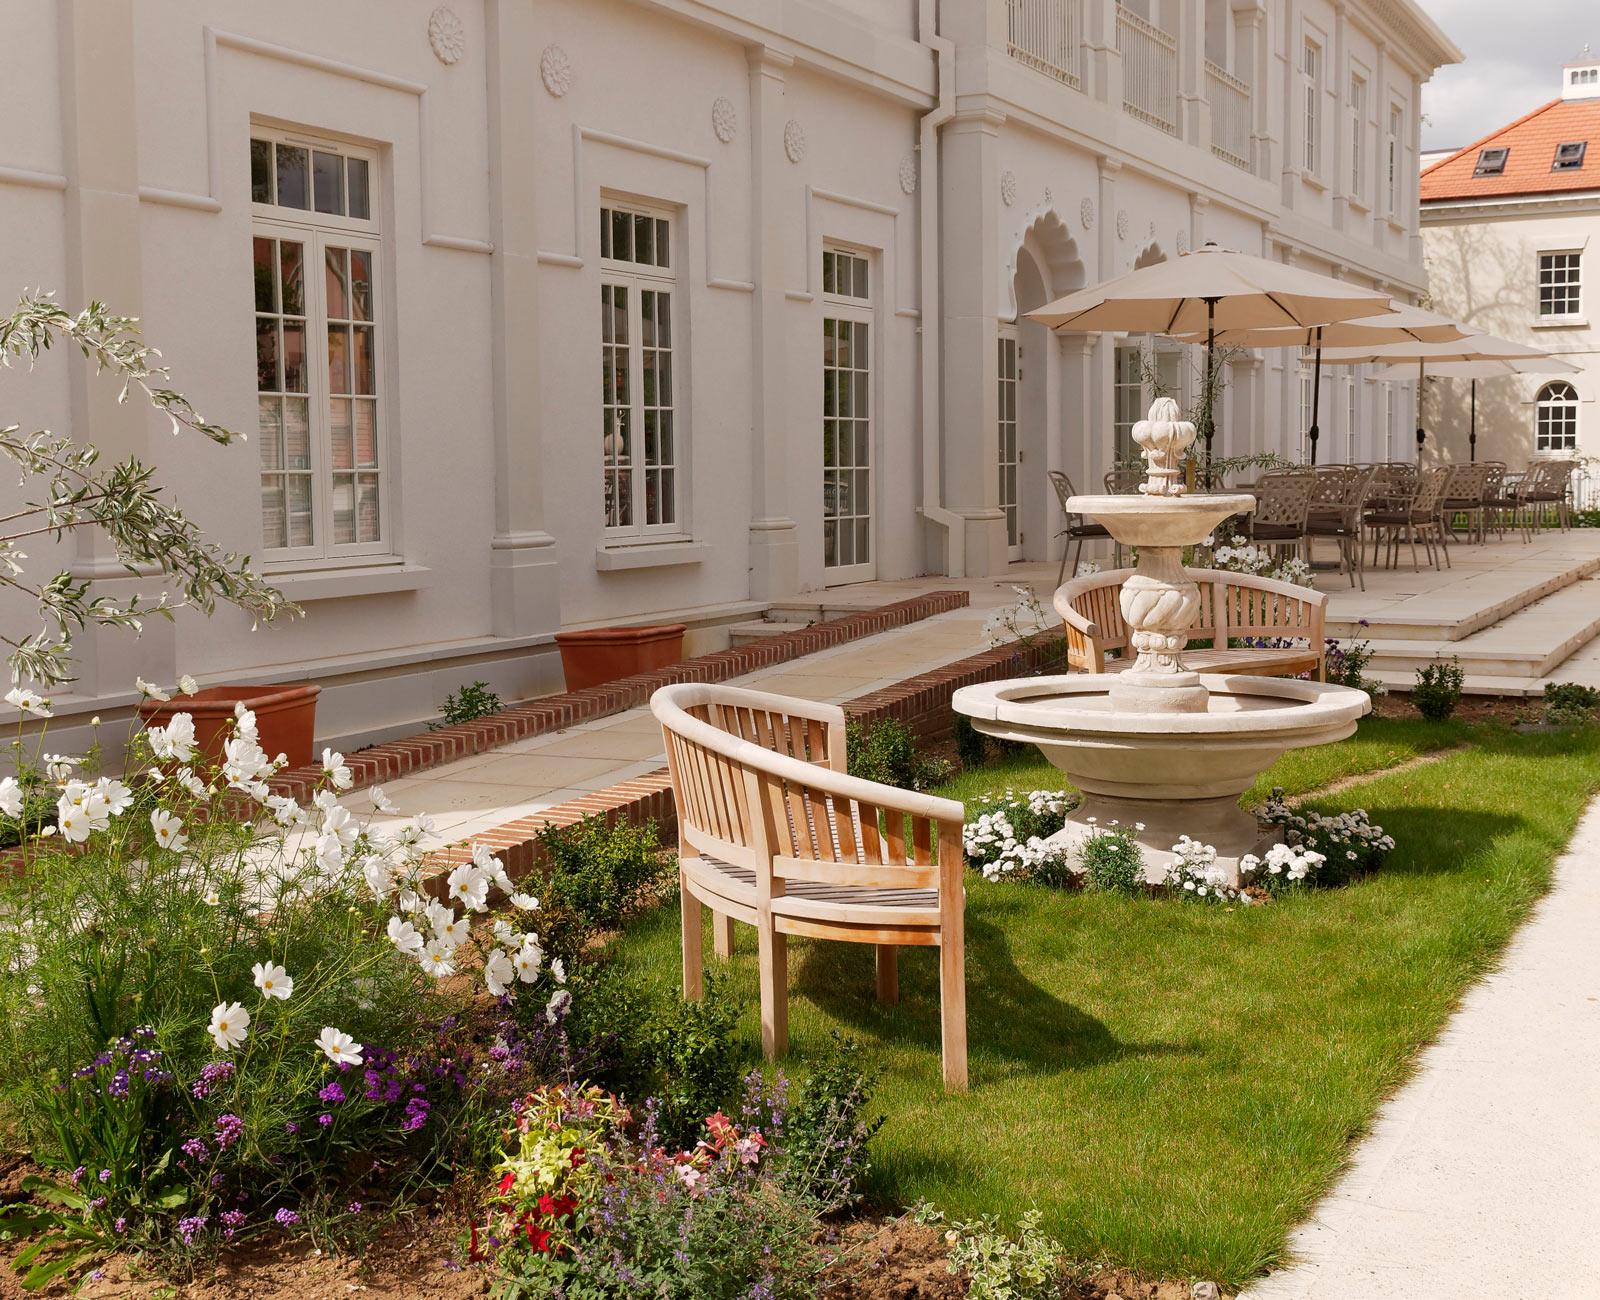 Maharishi Peace Palace Terrace